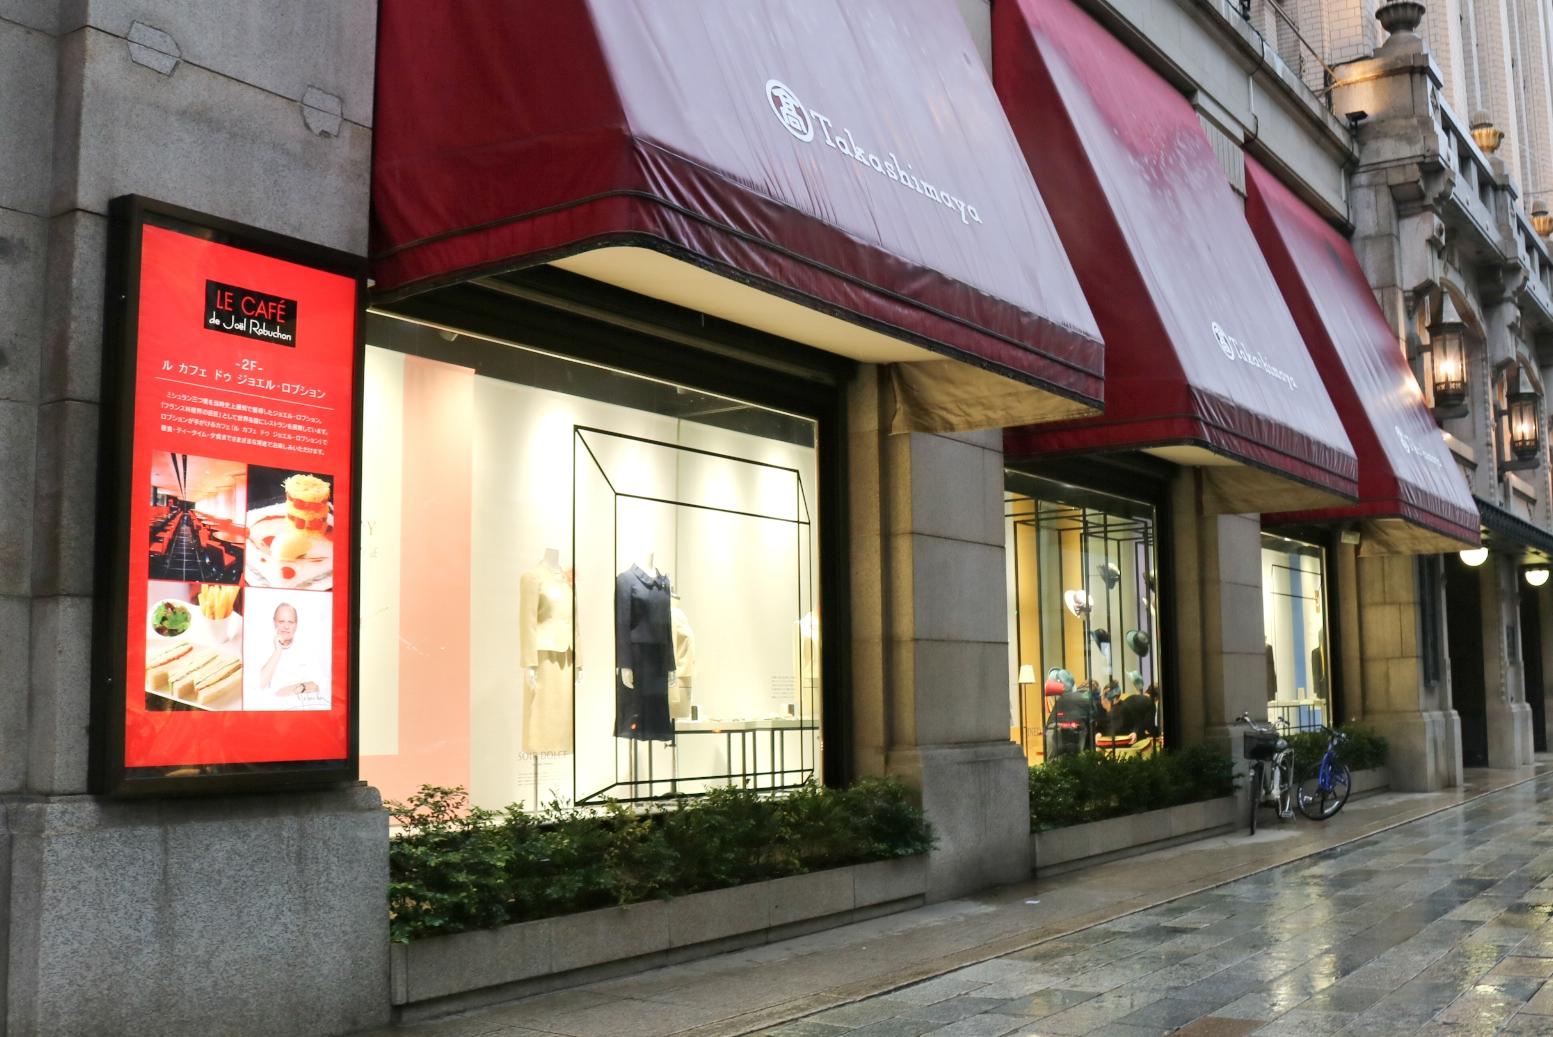 e4747ed9d0f33 髙島屋日本橋店の玄関」と言っても過言ではないショーウインドーにて日本の技術とこだわりから生まれた最高クラスのフォーマルウェアが皆様をお待ちしております。